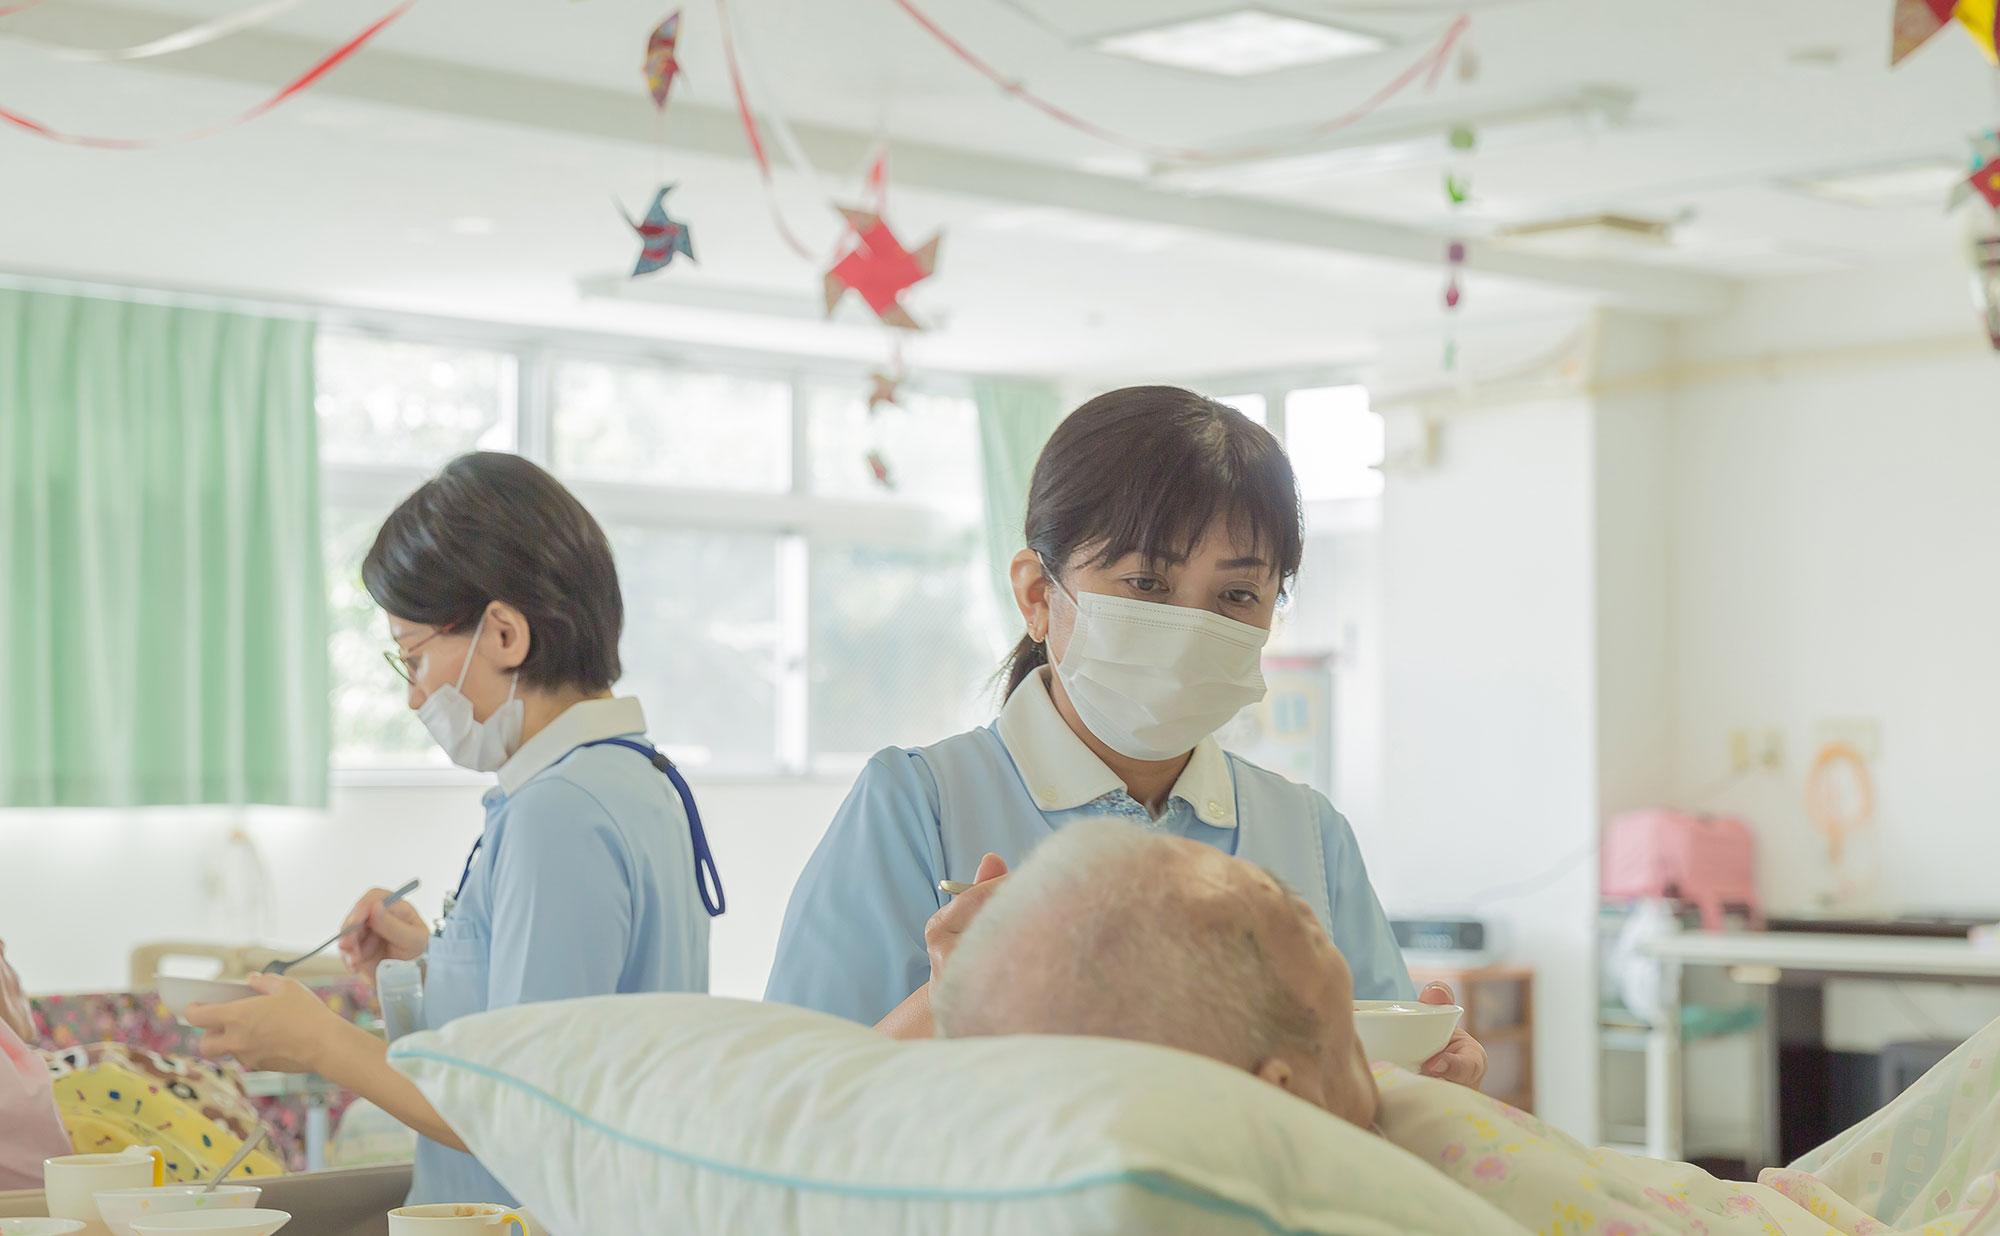 常により良い医療を目指して 医療法人大平会